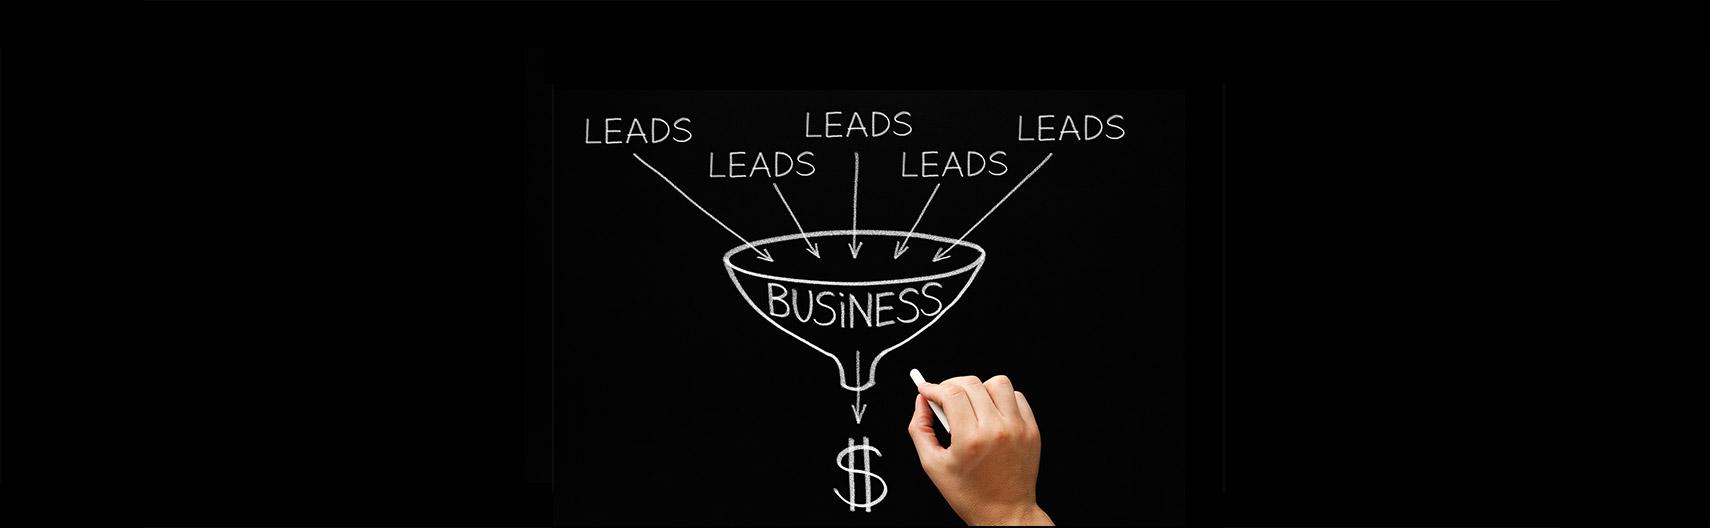 bigstock-Lead-Generation-Business-Funne-118802588-2